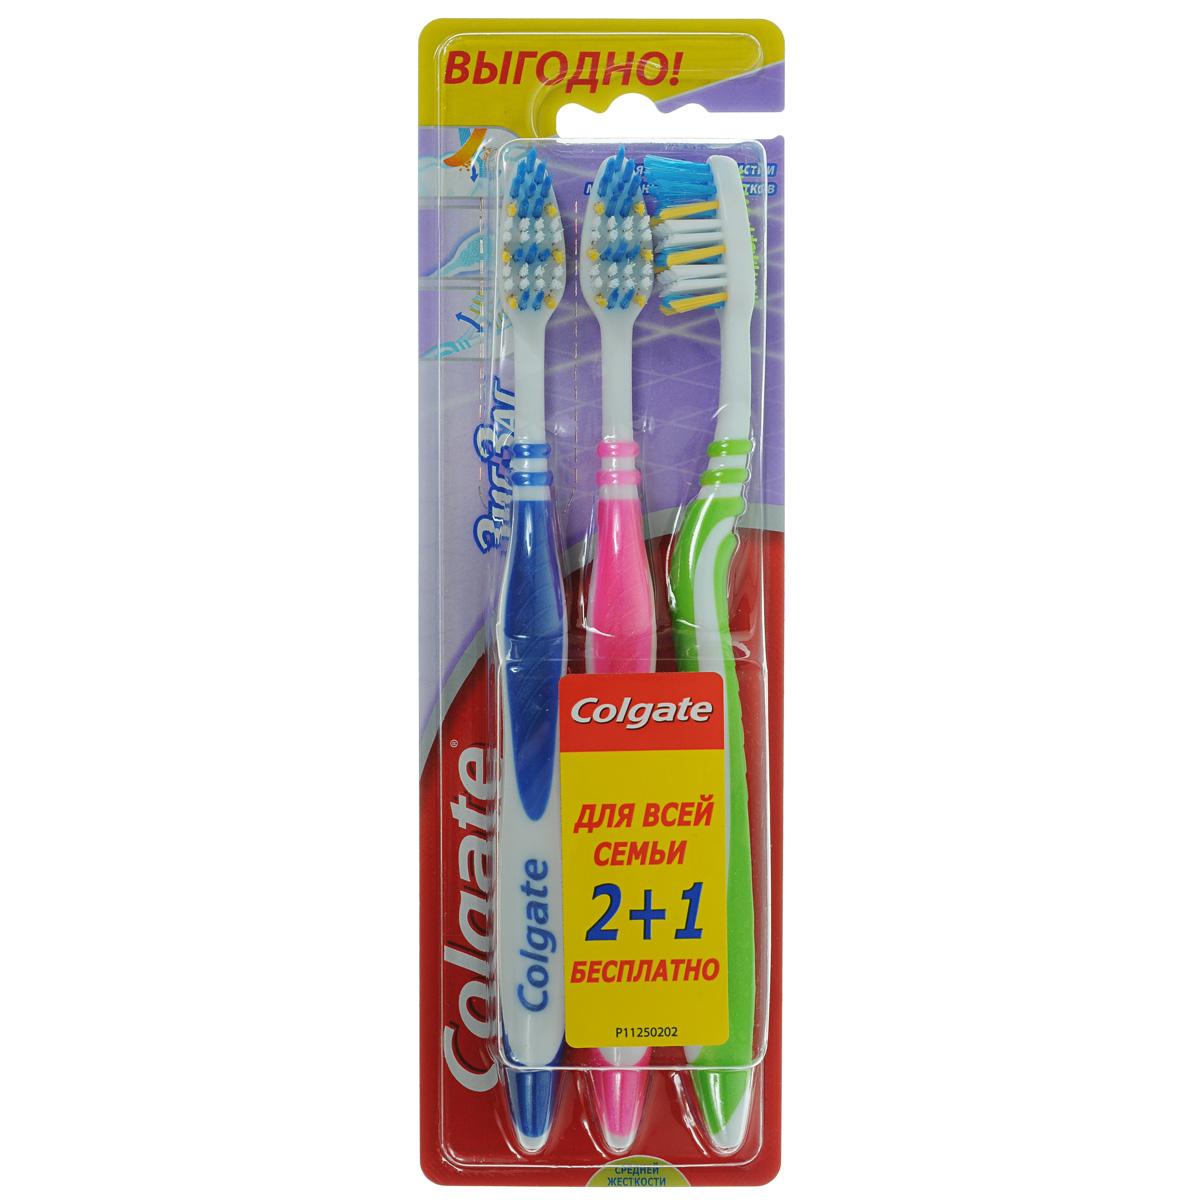 Colgate Зубная щетка Зиг-Заг, средней жесткости, 2+1FVN59964Colgate Зиг-Заг - зубная щетка средней жесткости. Перекрещивающиеся щетинки идеально подойдут для чистки межзубных промежутков. Эргономичная ручка не скользит в ладони, амортизирует давление руки на нежную поверхность десен. Товар сертифицирован. Длина щетки: 19 см. Размер рабочей поверхности: 3 см х 1,5 см. Материал: пластик. Комплектация: 3 шт.